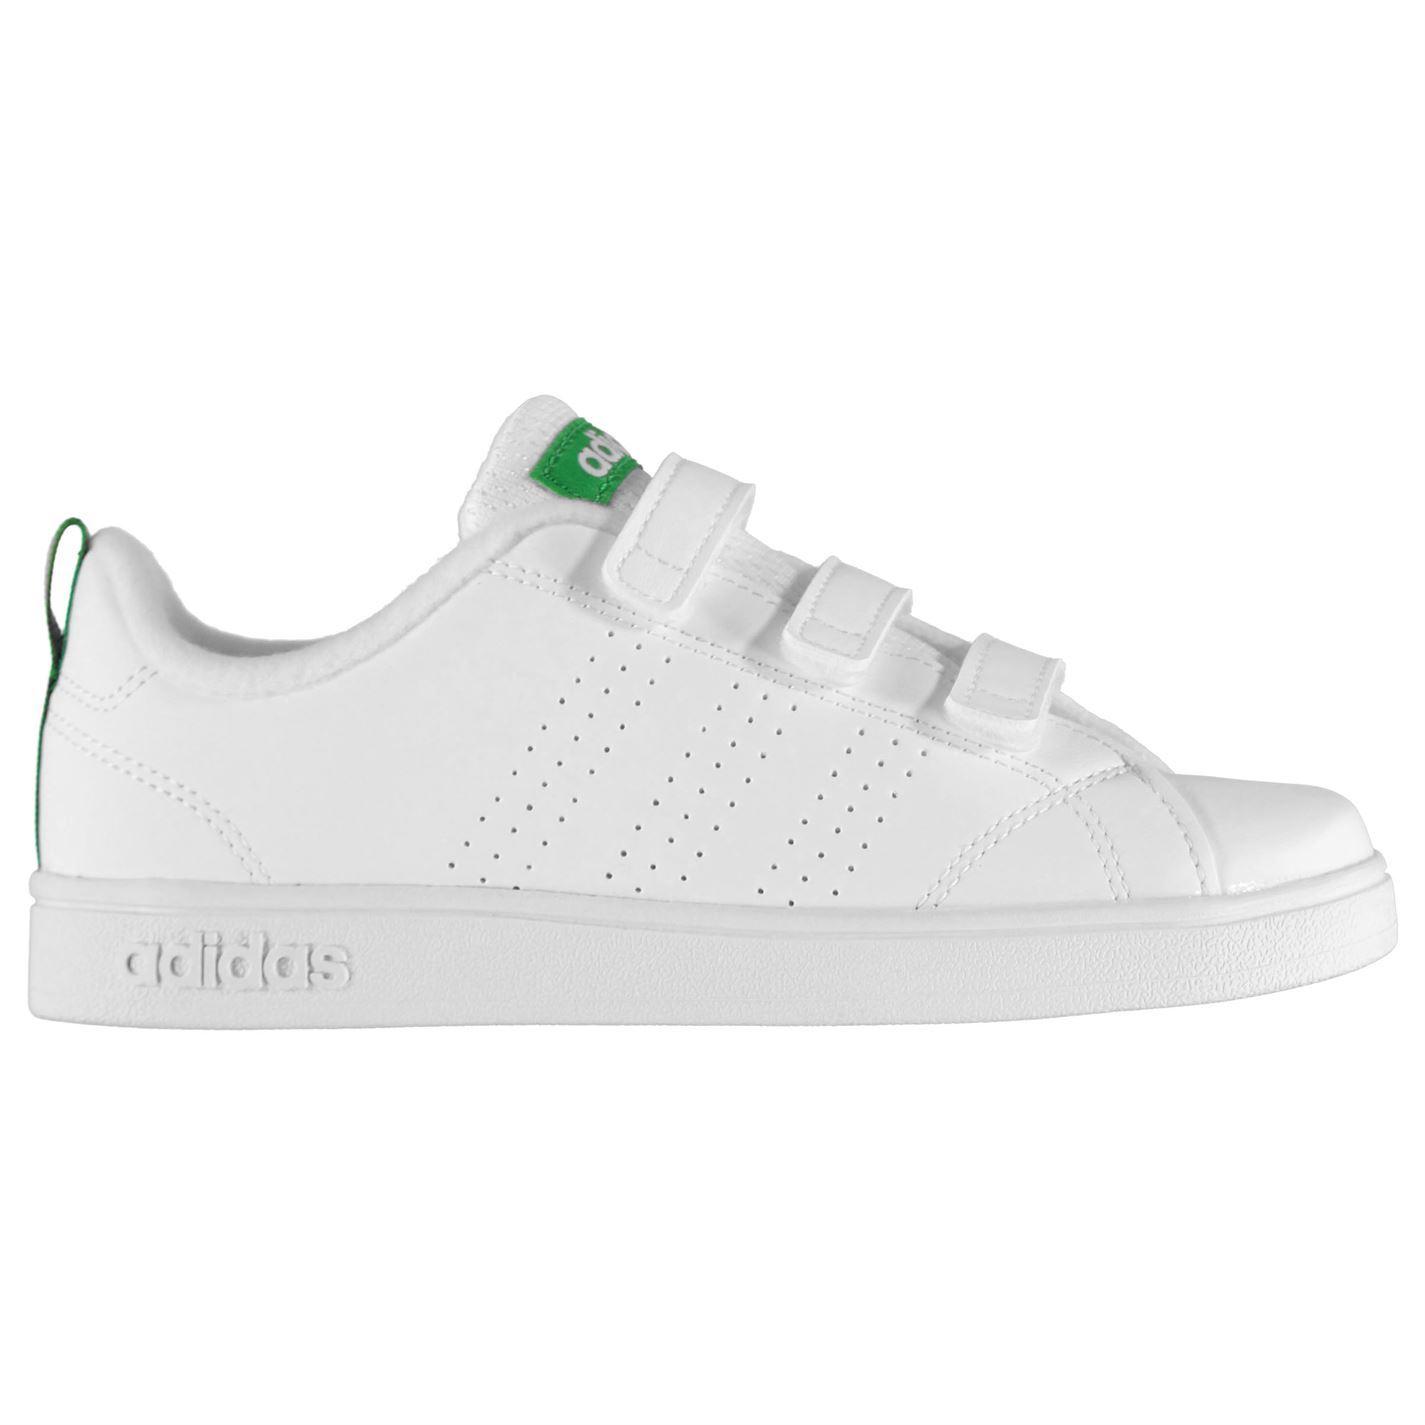 Adidas neo universita 'scarpe da ginnastica vs vantaggio pulito dell'aw4881 neu & ovp